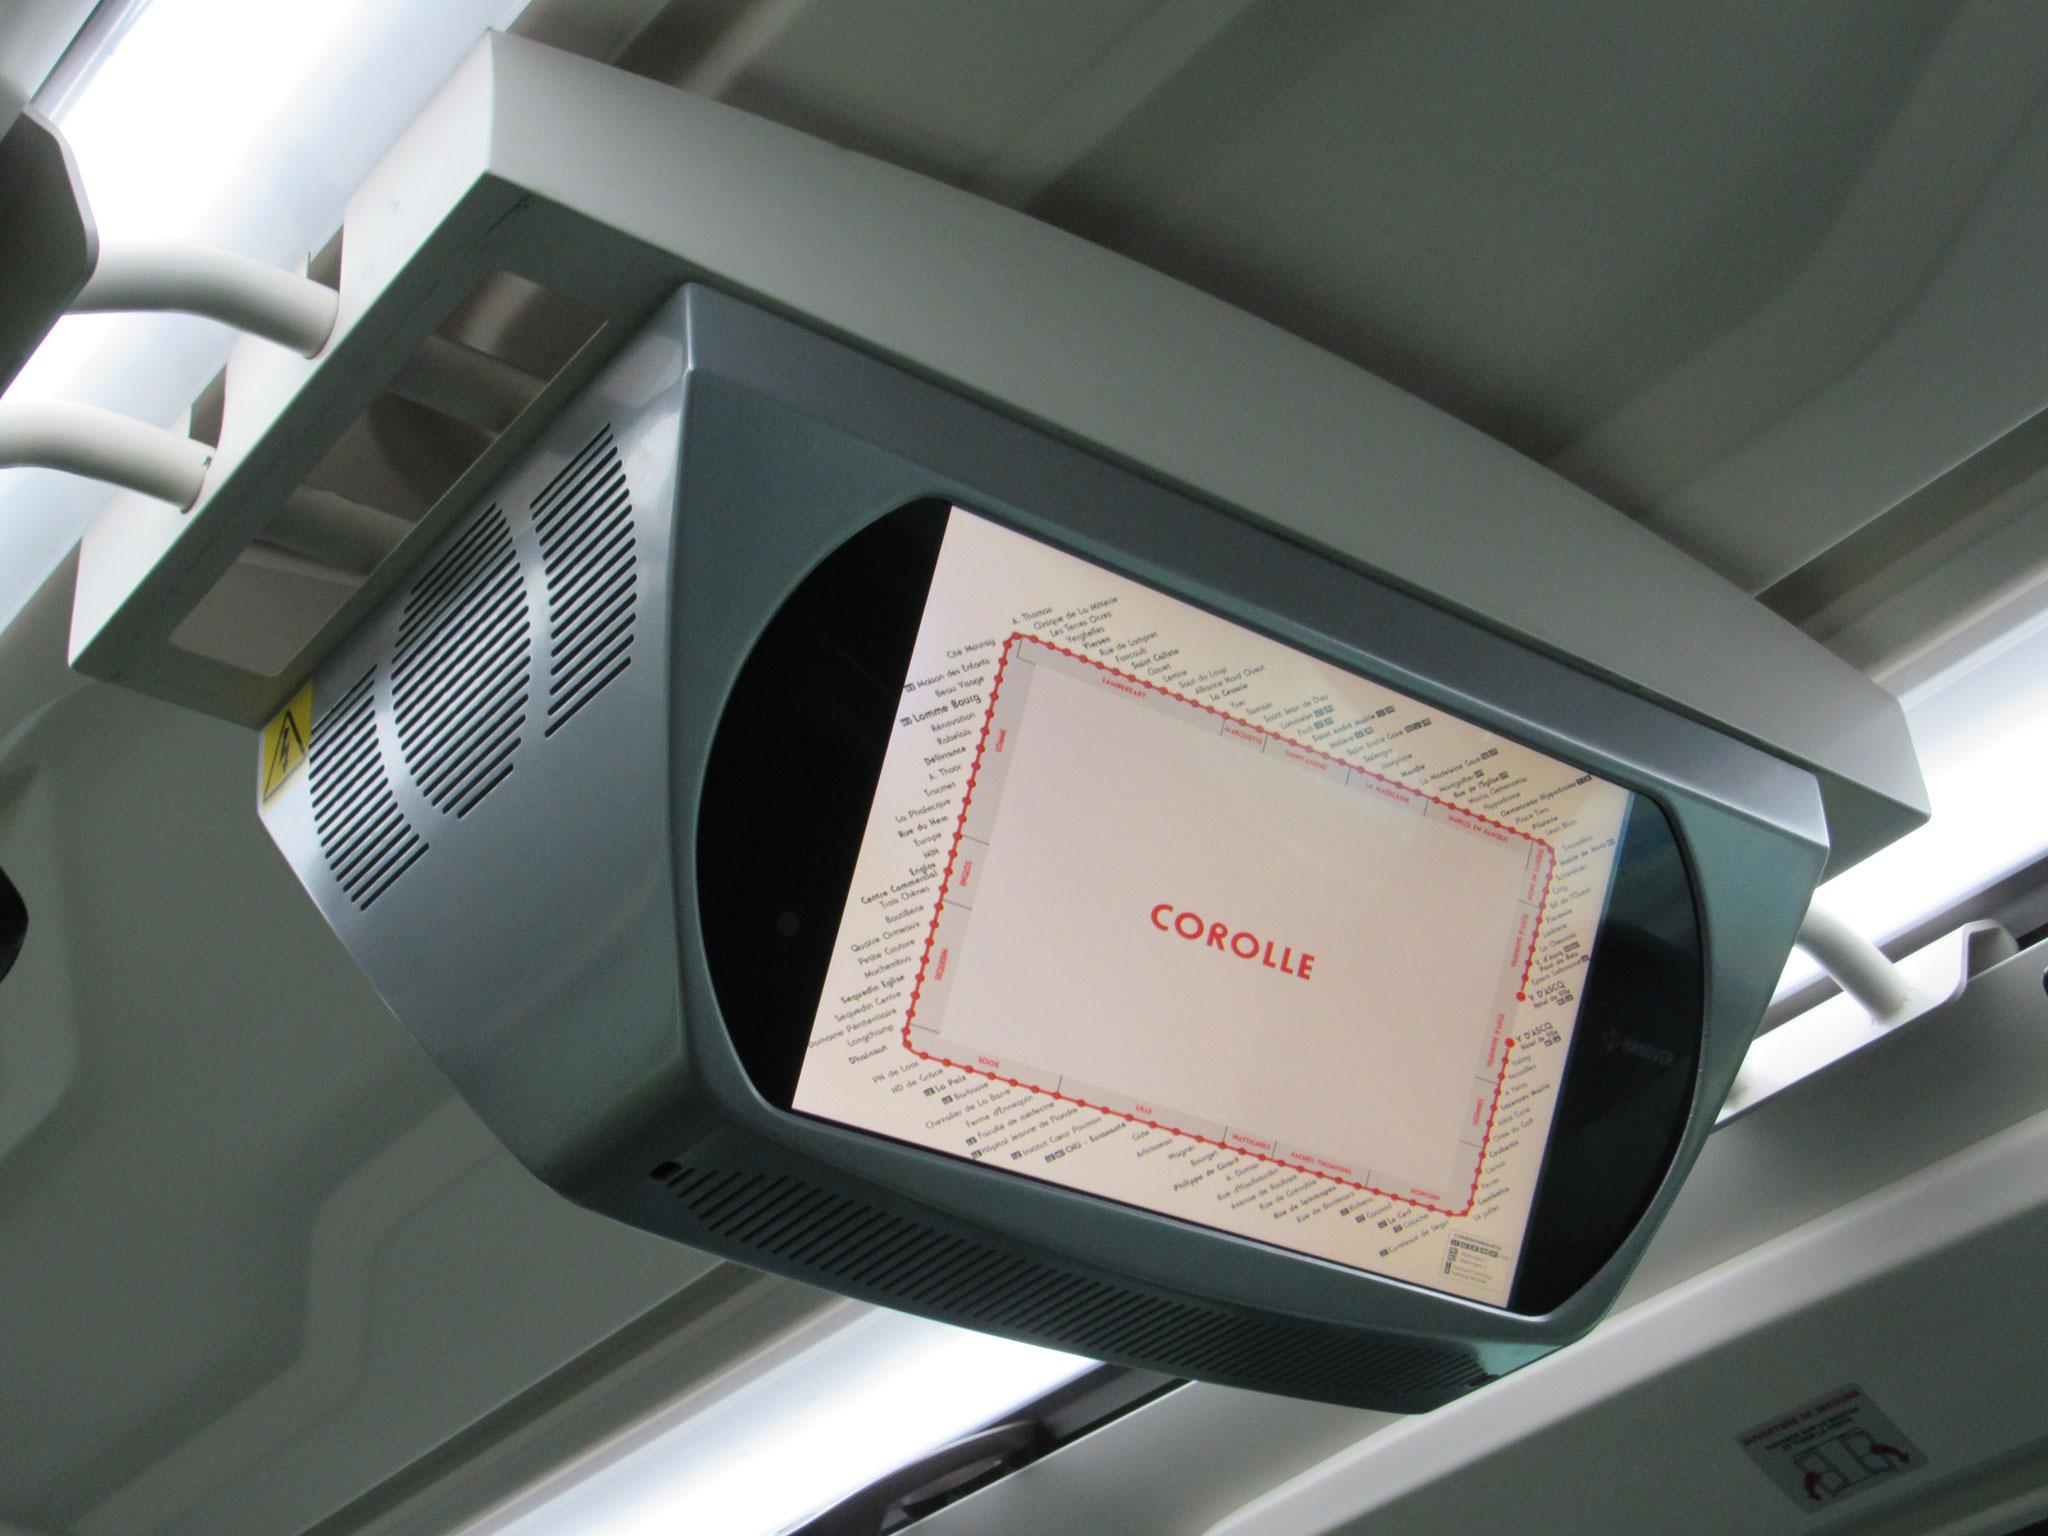 Écran Hanover présent dans le bus 10416 - écran similaire présent depuis 2015 dans le 10093 (Agora S GNV)